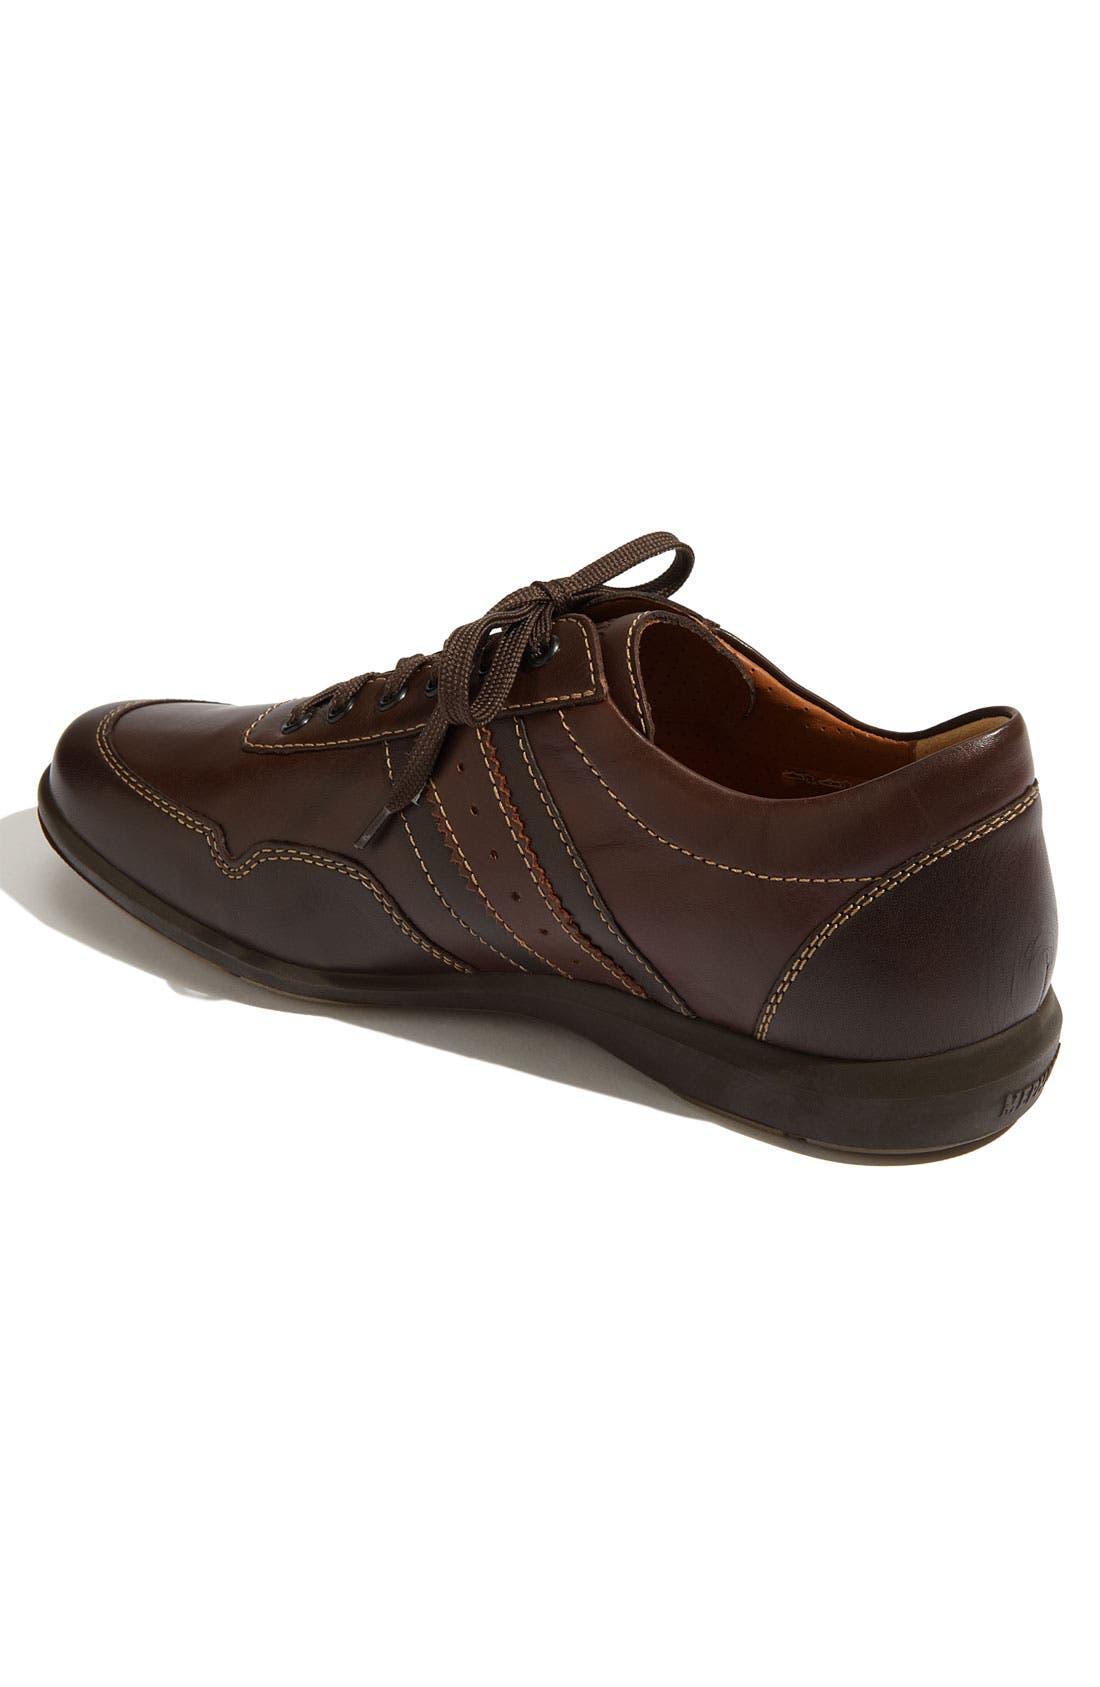 'Bonito' Walking Shoe,                             Alternate thumbnail 22, color,